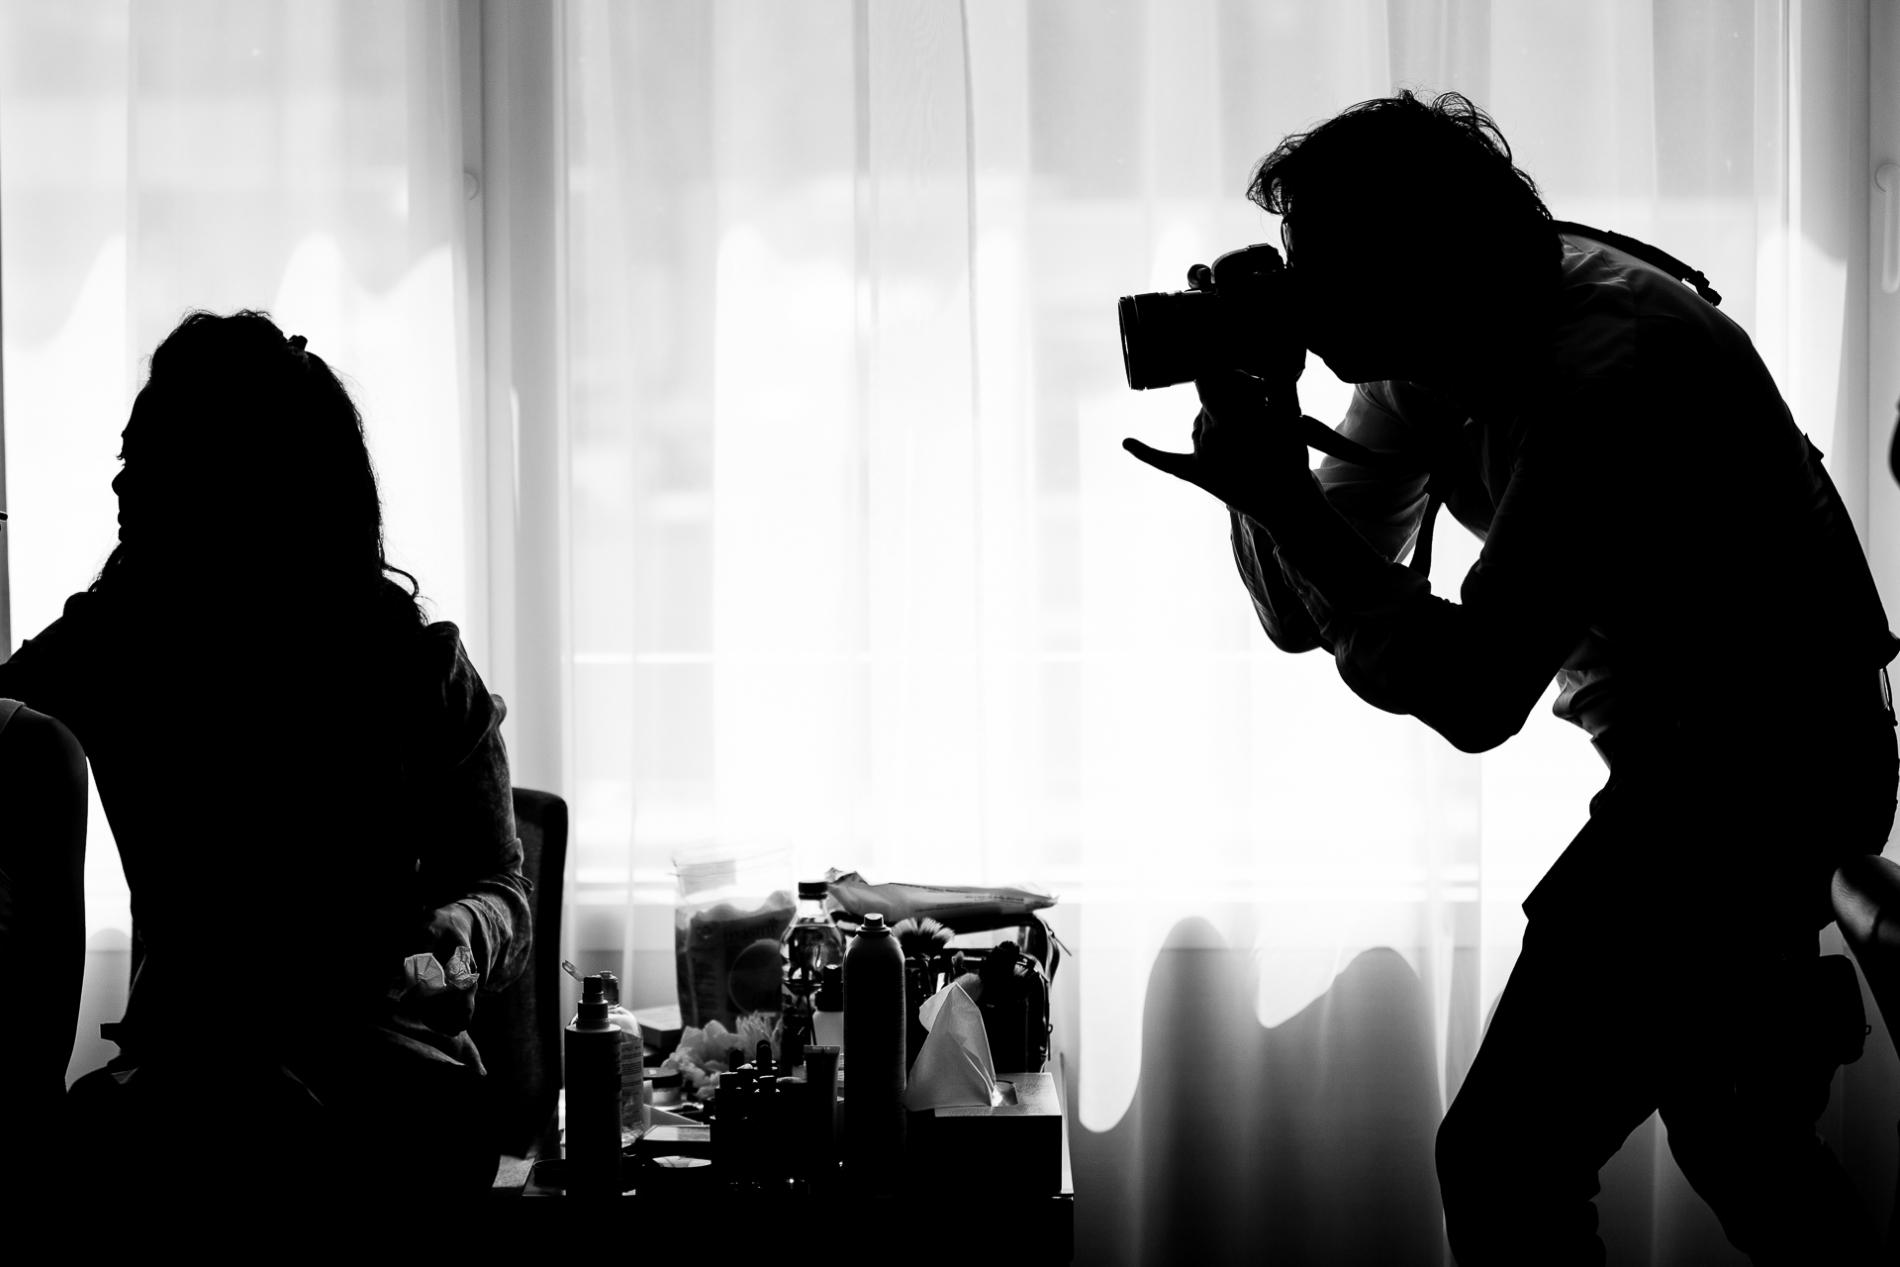 Imágenes de Bucarest de los preparativos nupciales del fotógrafo Mihai Zaharia